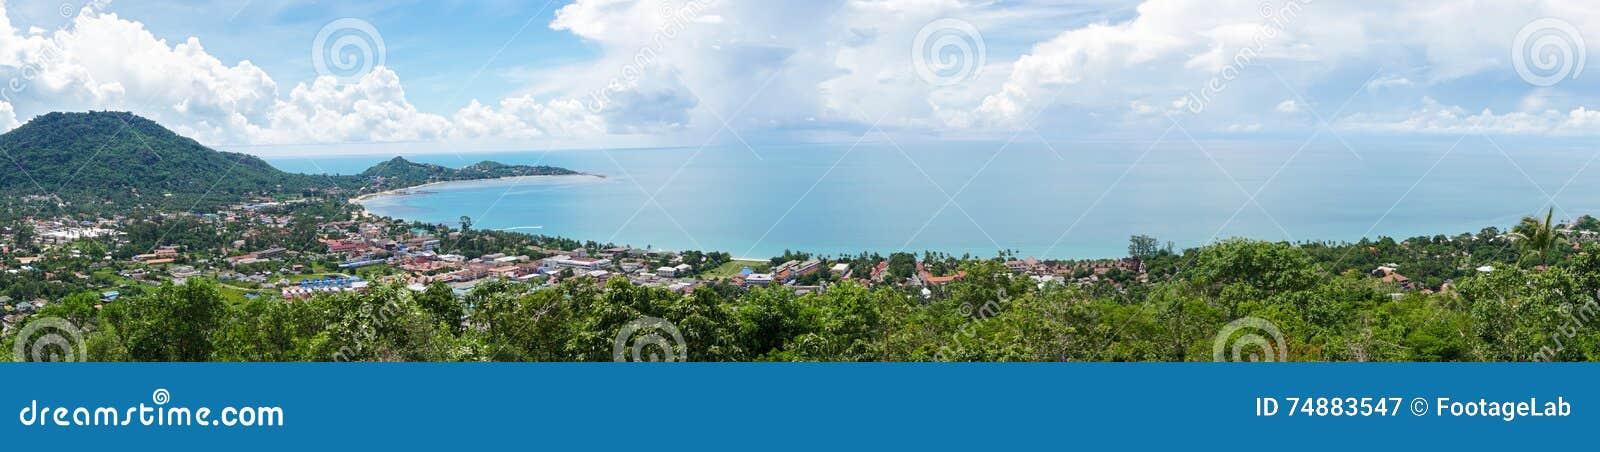 Panorama da ilha tropical com opinião do mar